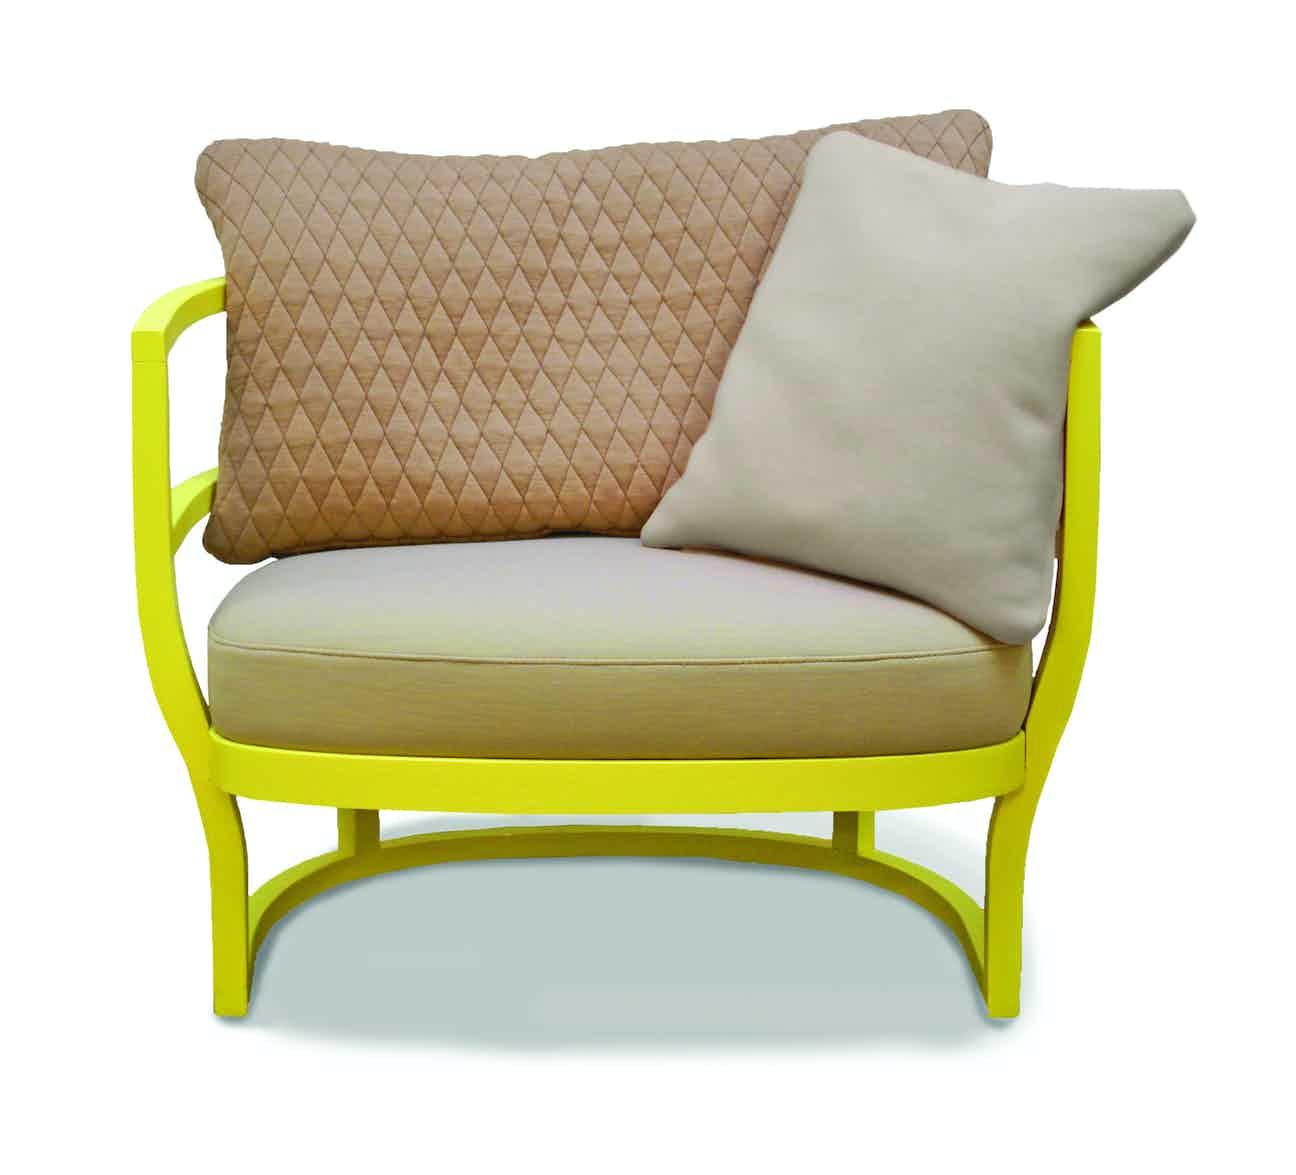 Dum-furniture-yellow-wagner-haute-living